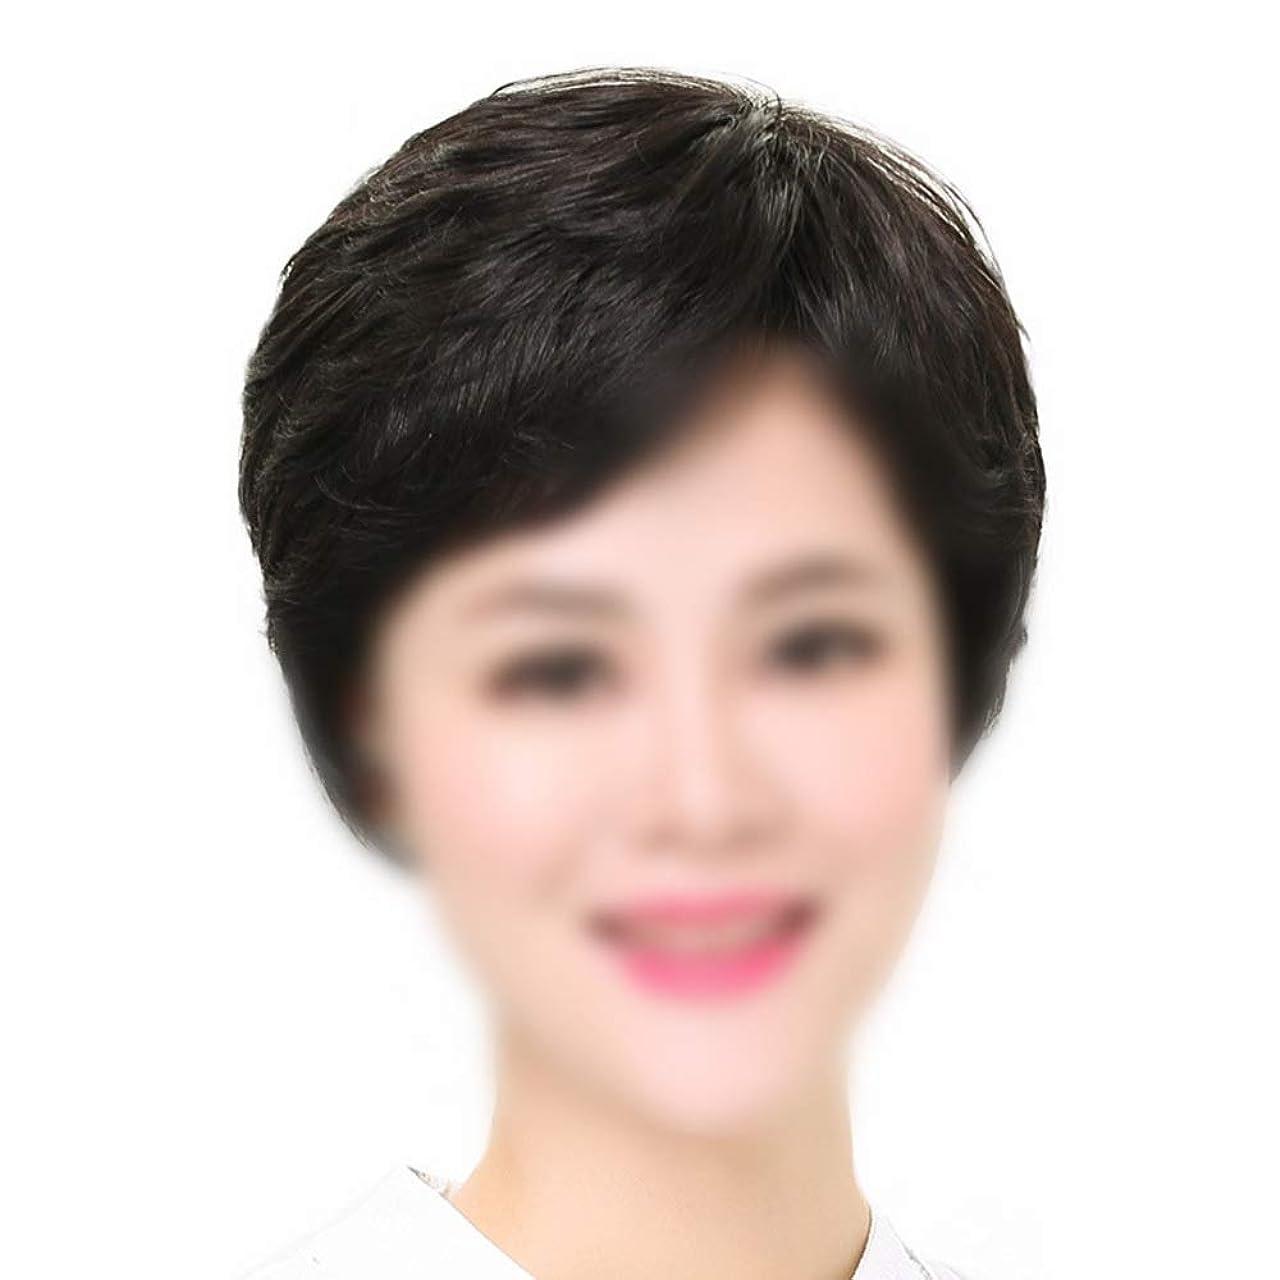 飼いならす敏感なそれYESONEEP フル織りの女性の自然な人間の髪の毛のマイクロ波短髪中年のかつらパーティーのかつら (Color : Dark brown, サイズ : Mechanism)